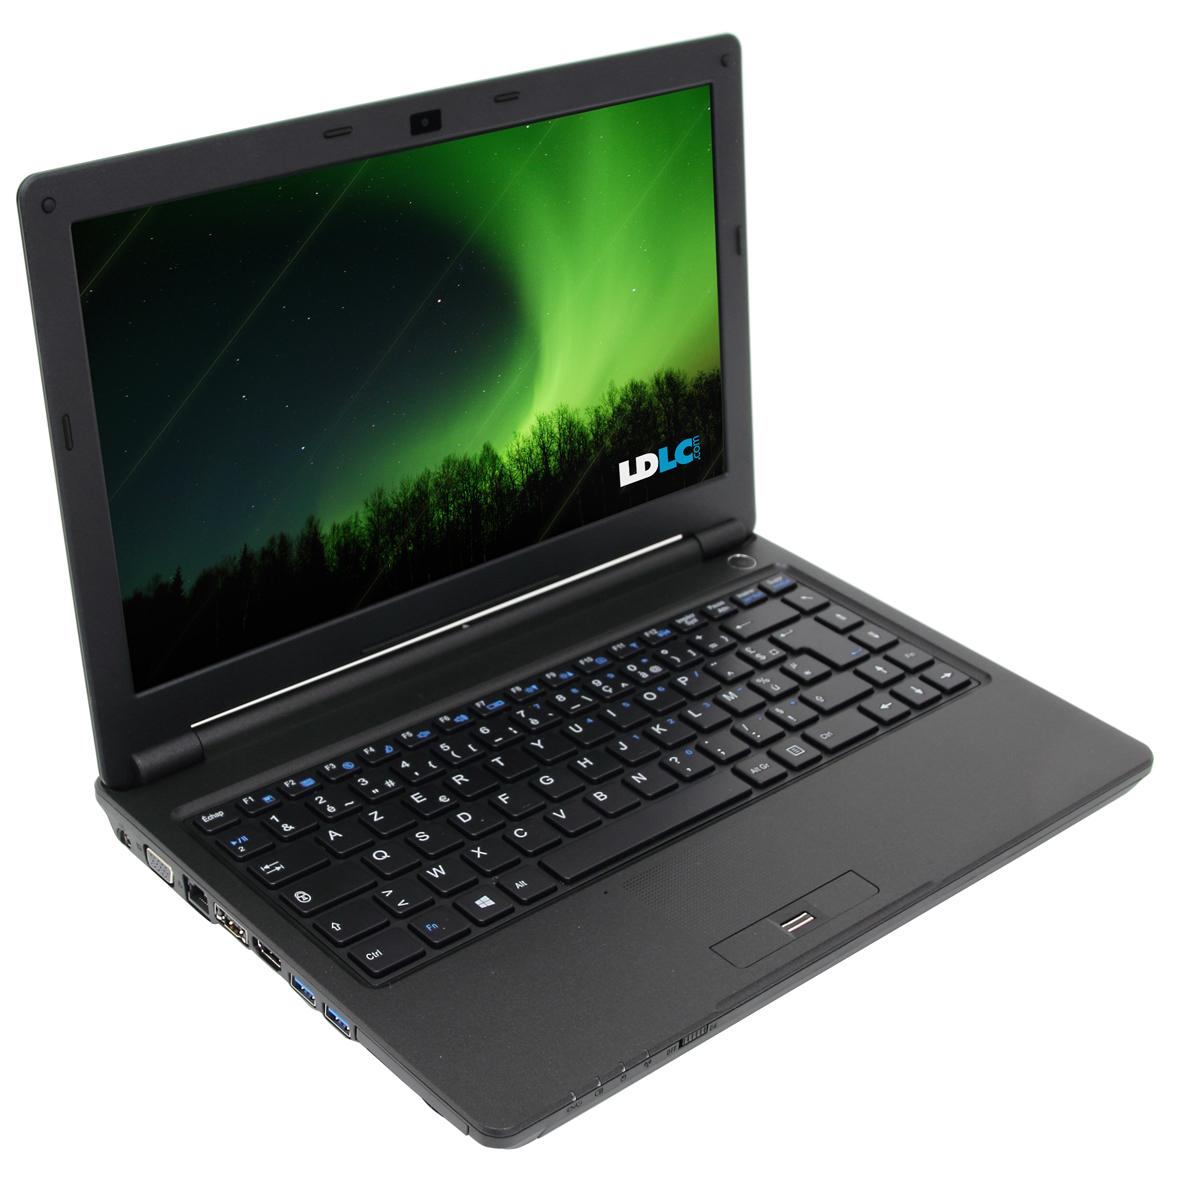 """PC portable LDLC Aurore LT1-B8-4-S1 Intel Celeron 1000M 4 Go SSD 120 Go 13.3"""" LED Graveur DVD externe Wi-Fi N/Bluetooth Webcam (sans OS)"""